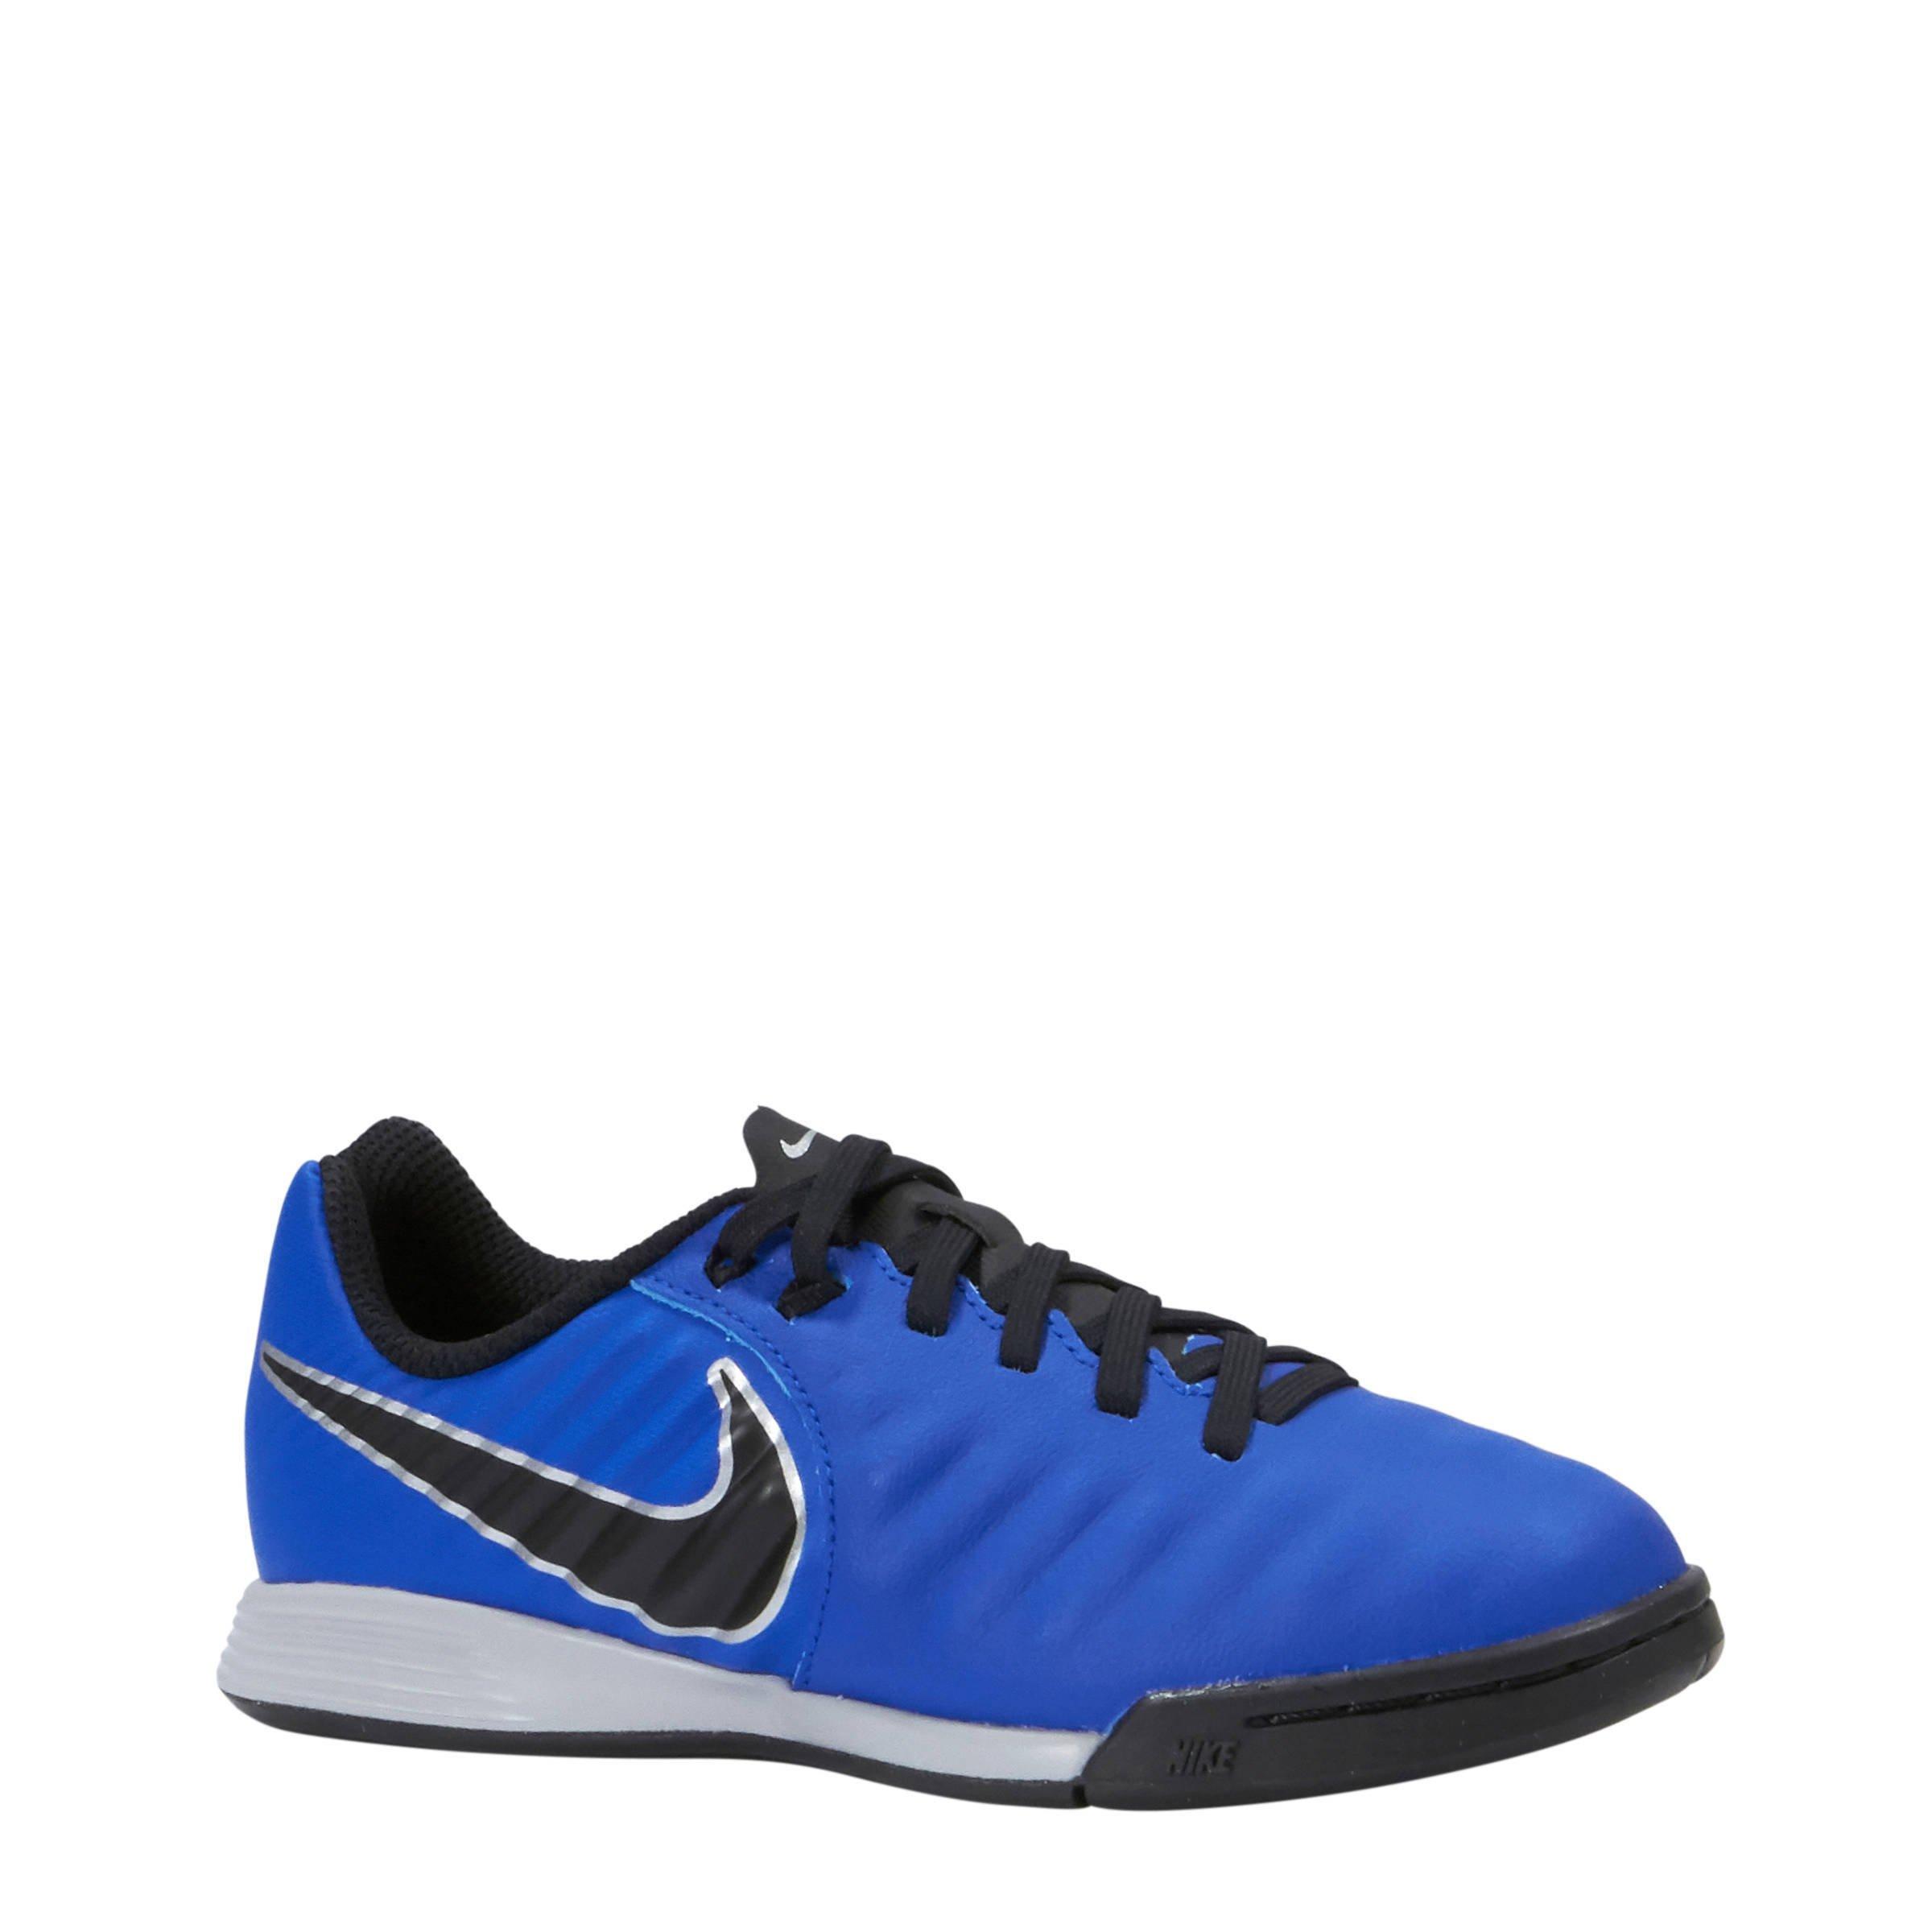 c5c0626a2cb nike-jr-legend-7-academy-ic-zaalvoetbalschoenen-zwart-blauw -0191887744498.jpg